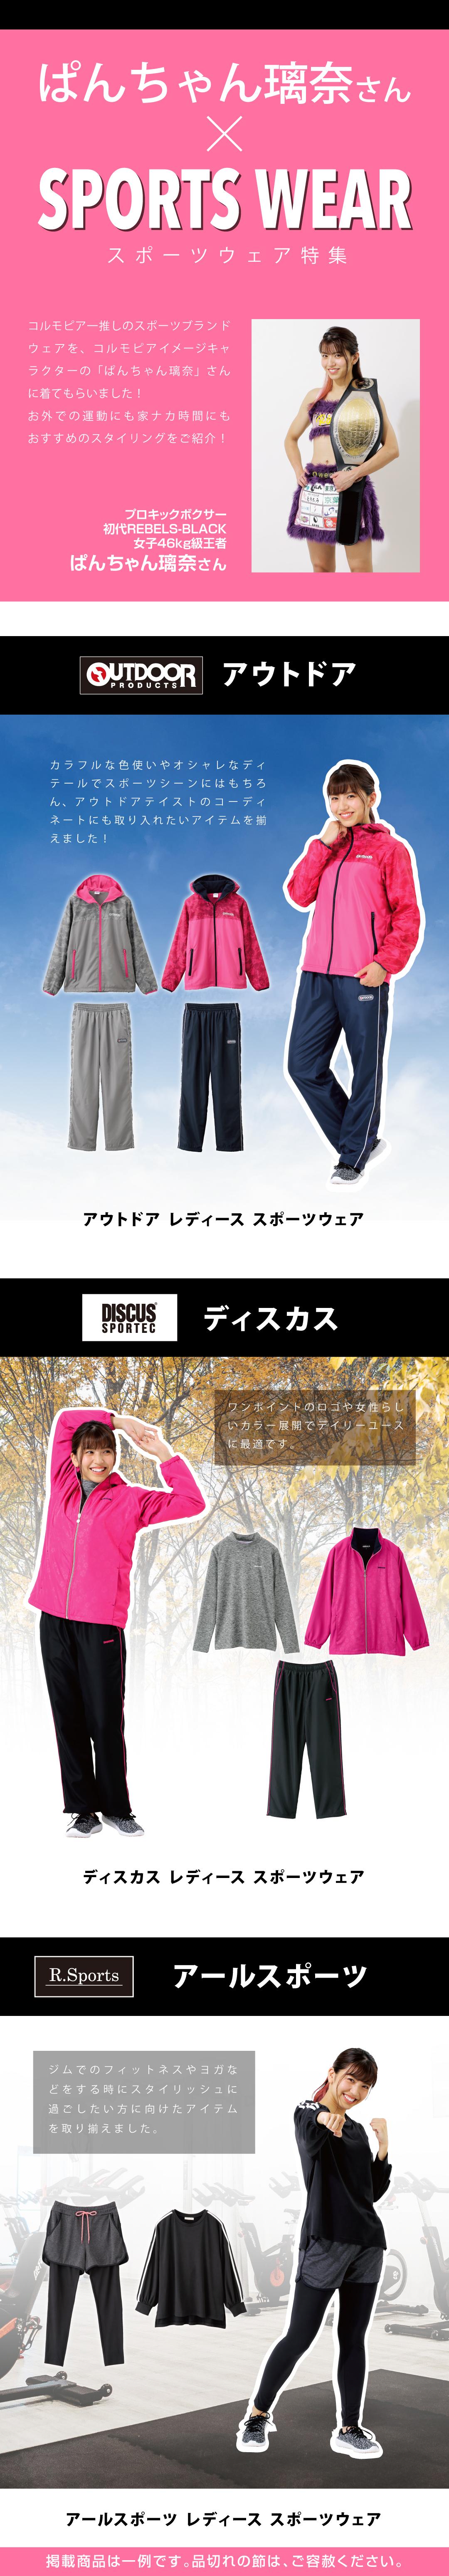 ぱんちゃんスポーツウェア特集